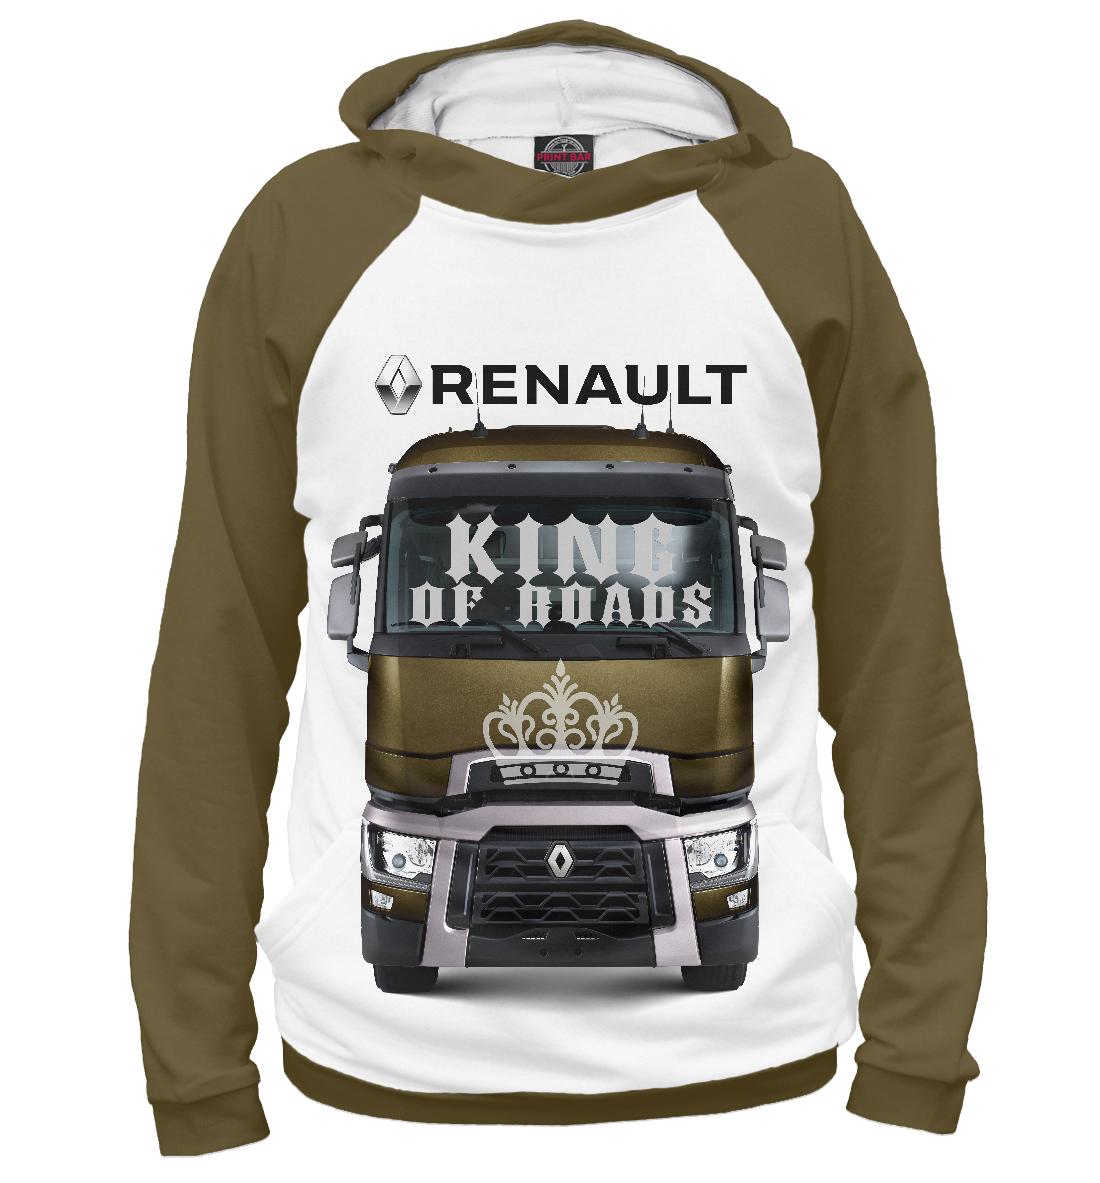 Купить RENAULT - король дорог, Printbar, Худи, GRZ-918078-hud-2